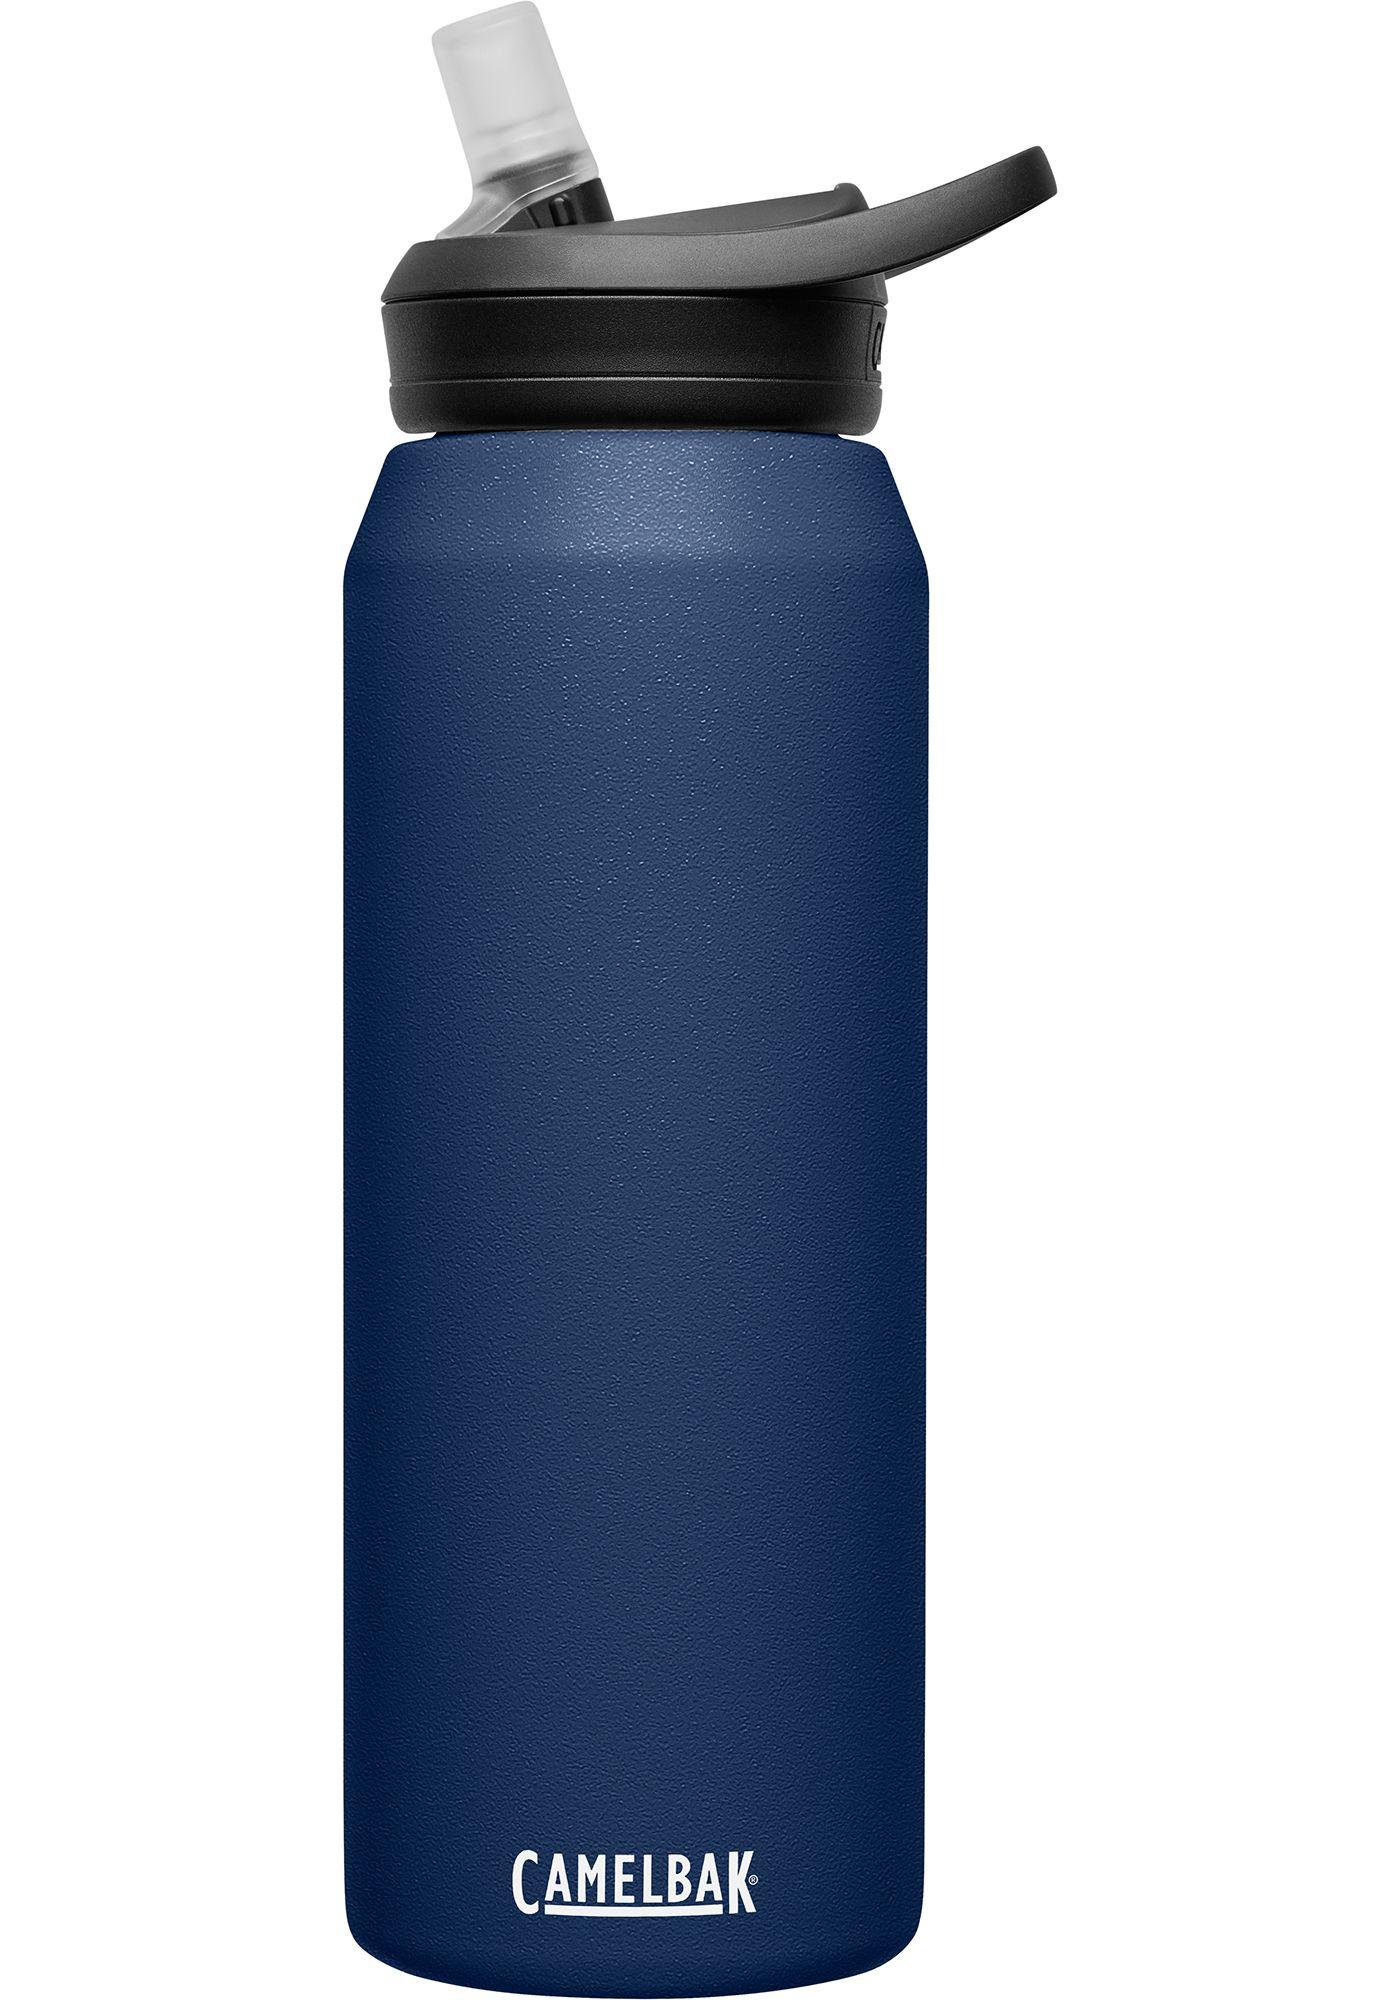 CamelBak Eddy+ 32 oz. Insulated Stainless Steel Bottle